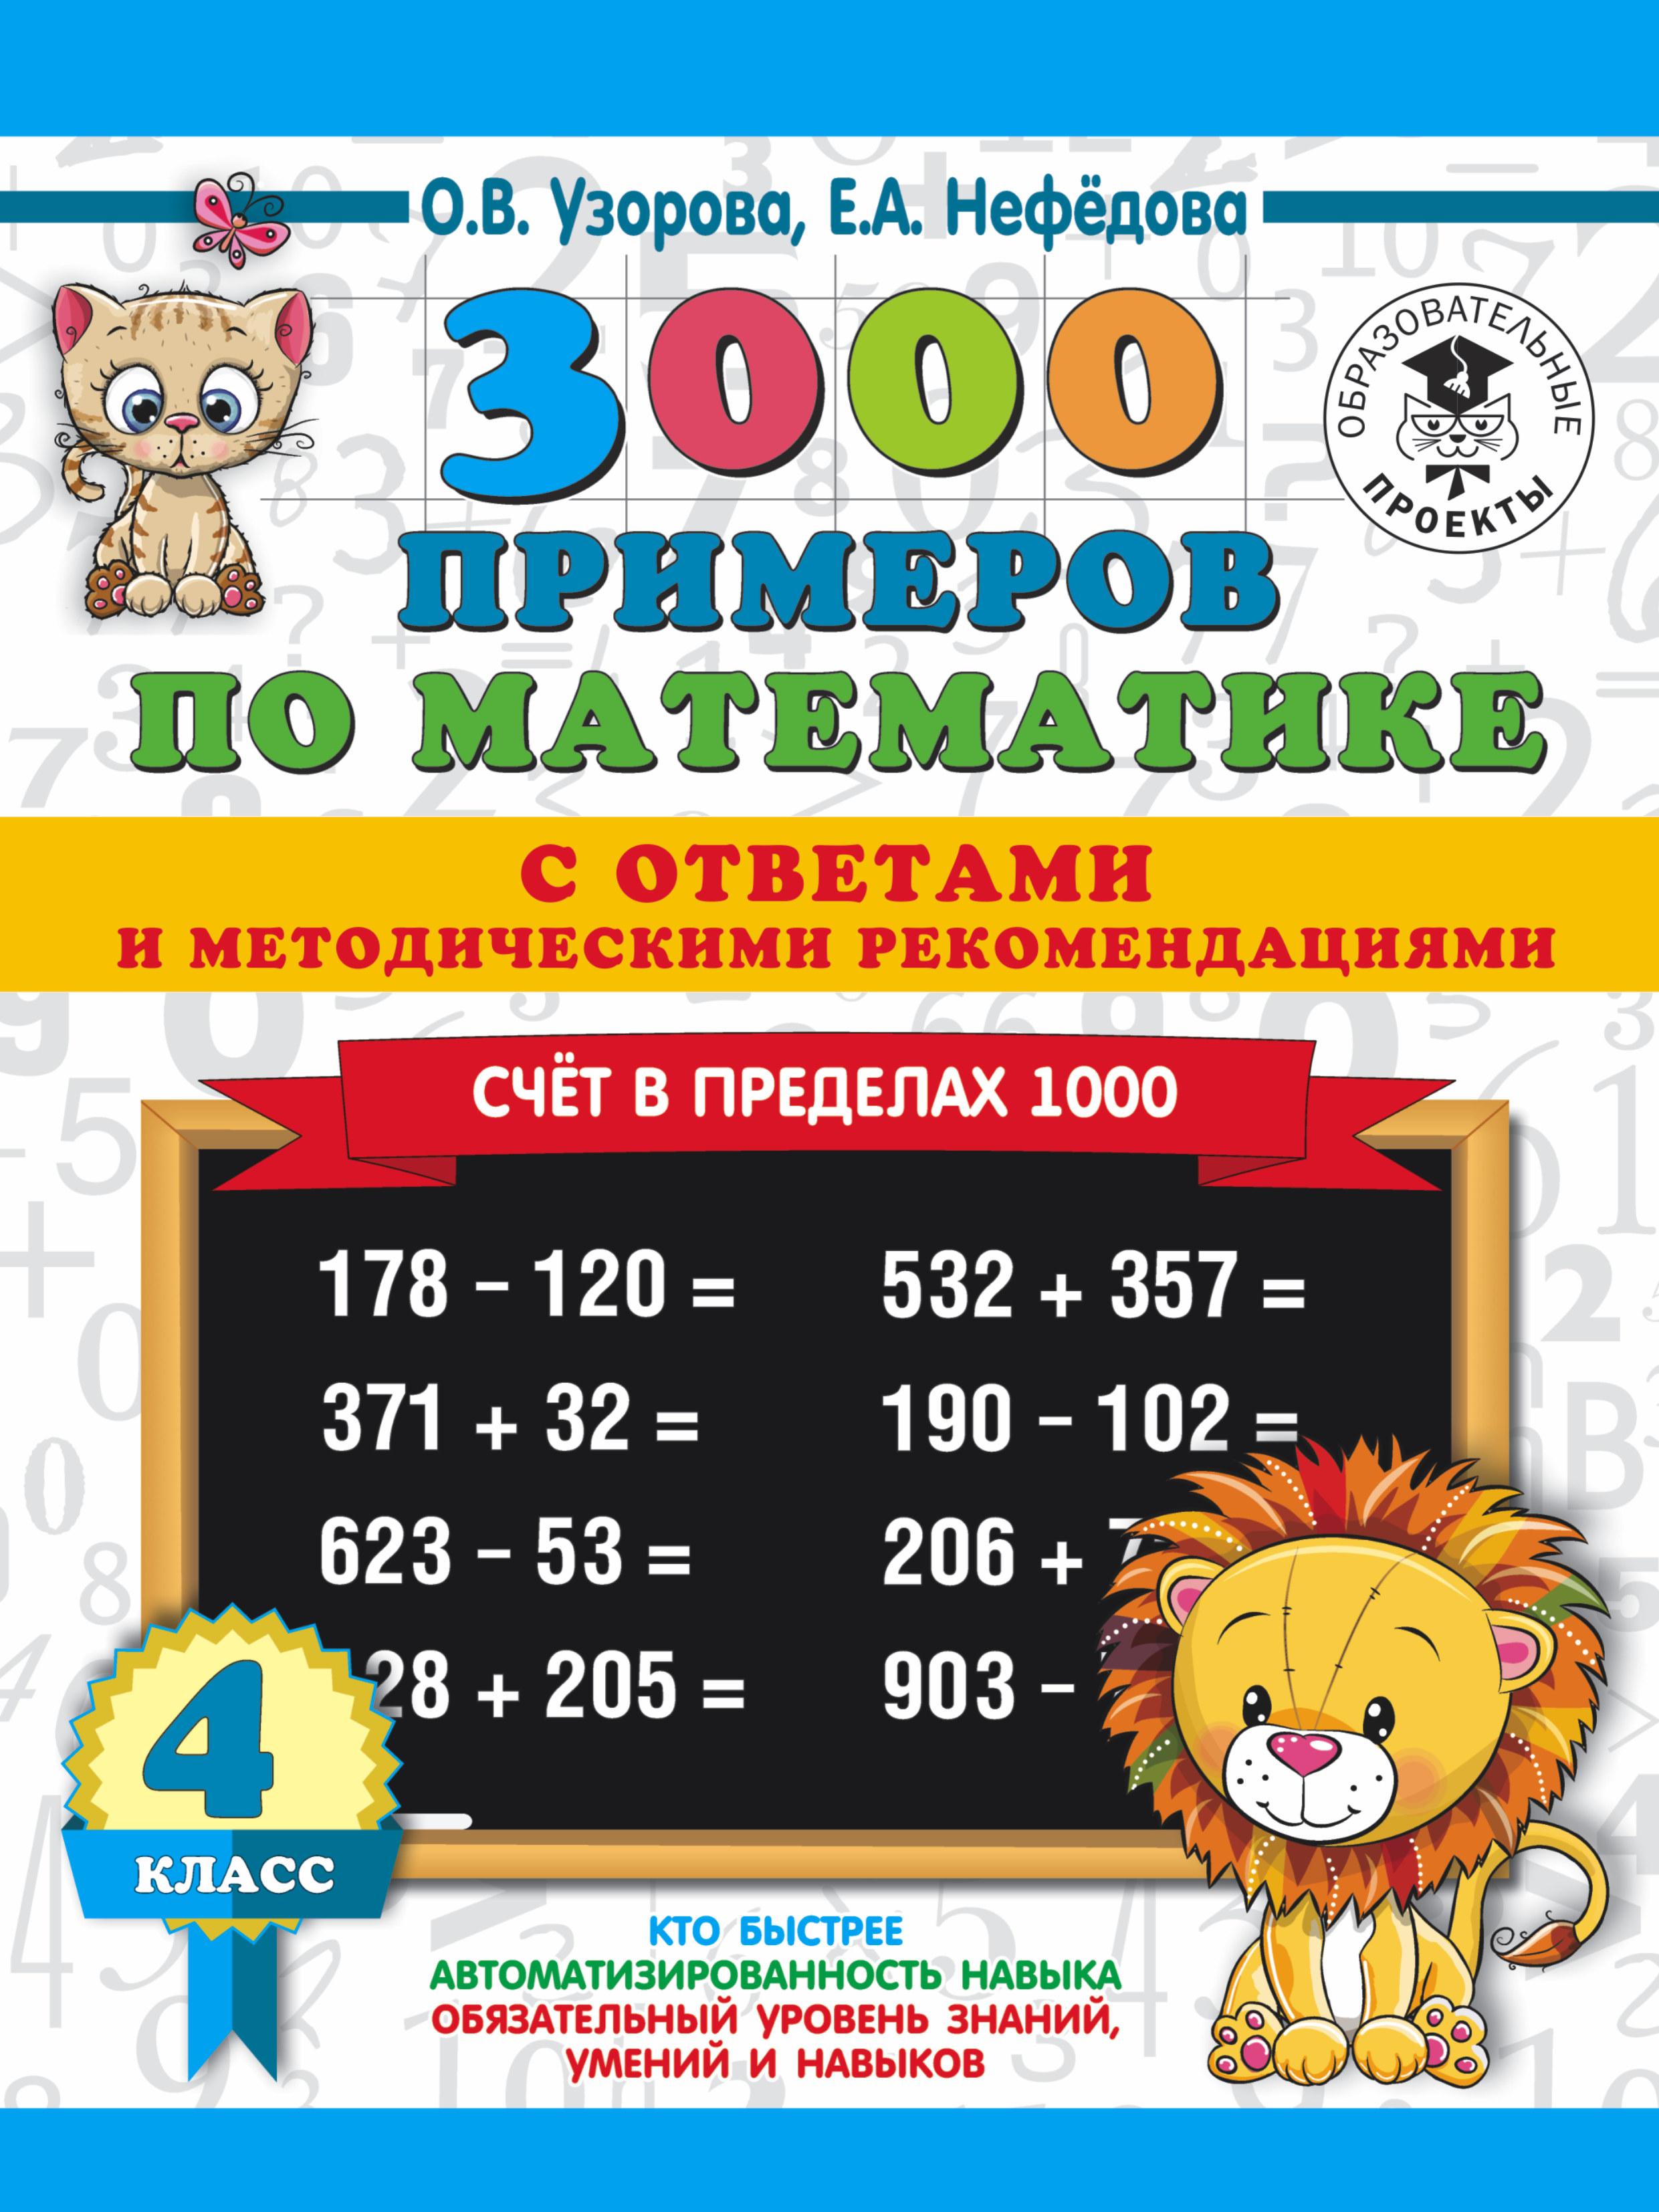 3000 примеров по математике. Счет в пределах 1000. С ответами и методическими рекомендациями. 4 класс ( Узорова О.В., Нефёдова Е.А.  )